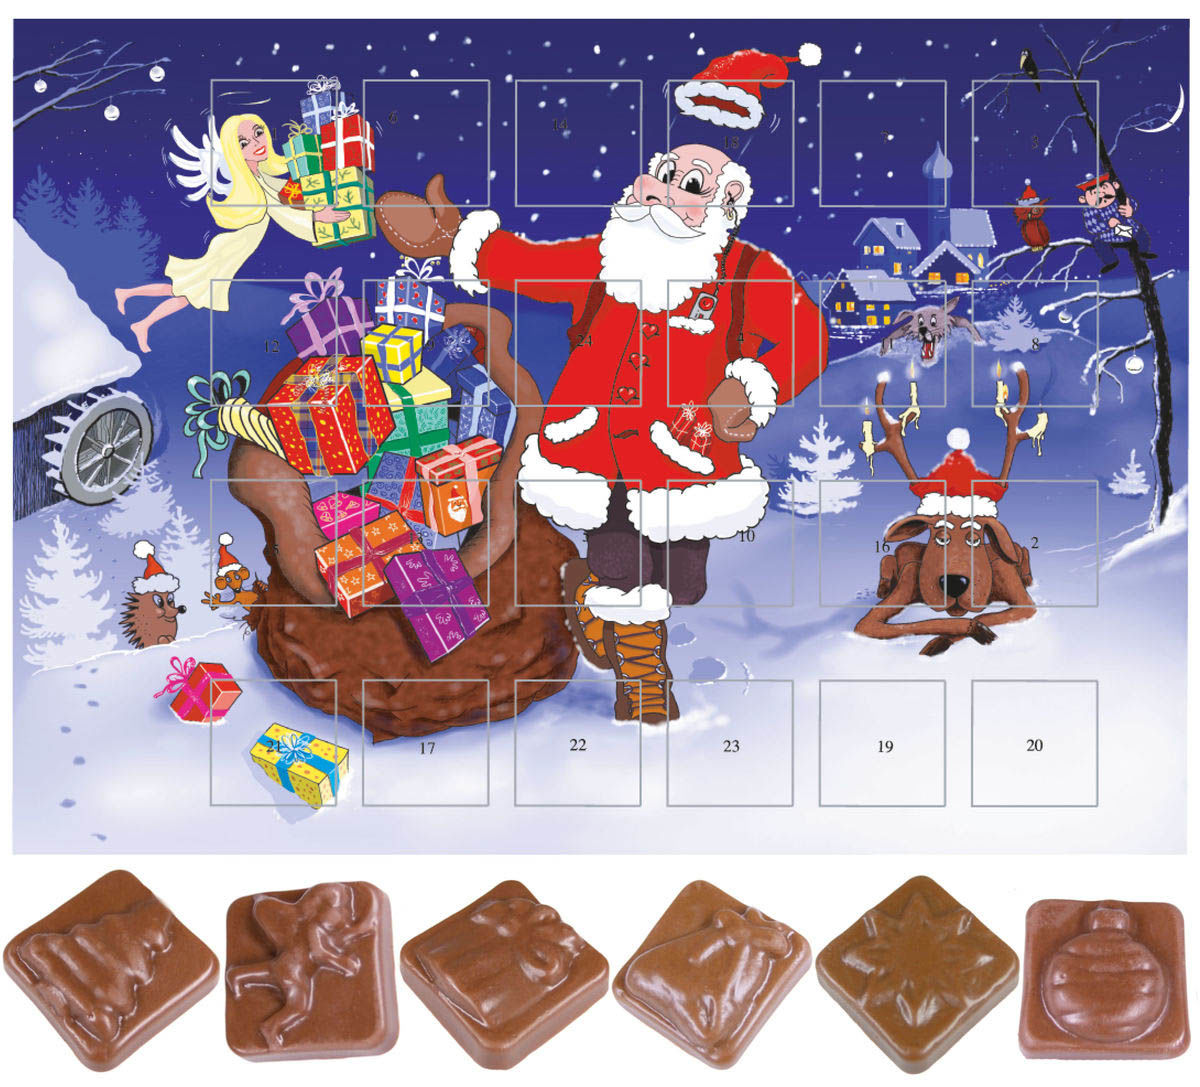 calendrier de l 39 avent au chocolat classique no l publicitaire kelcom. Black Bedroom Furniture Sets. Home Design Ideas